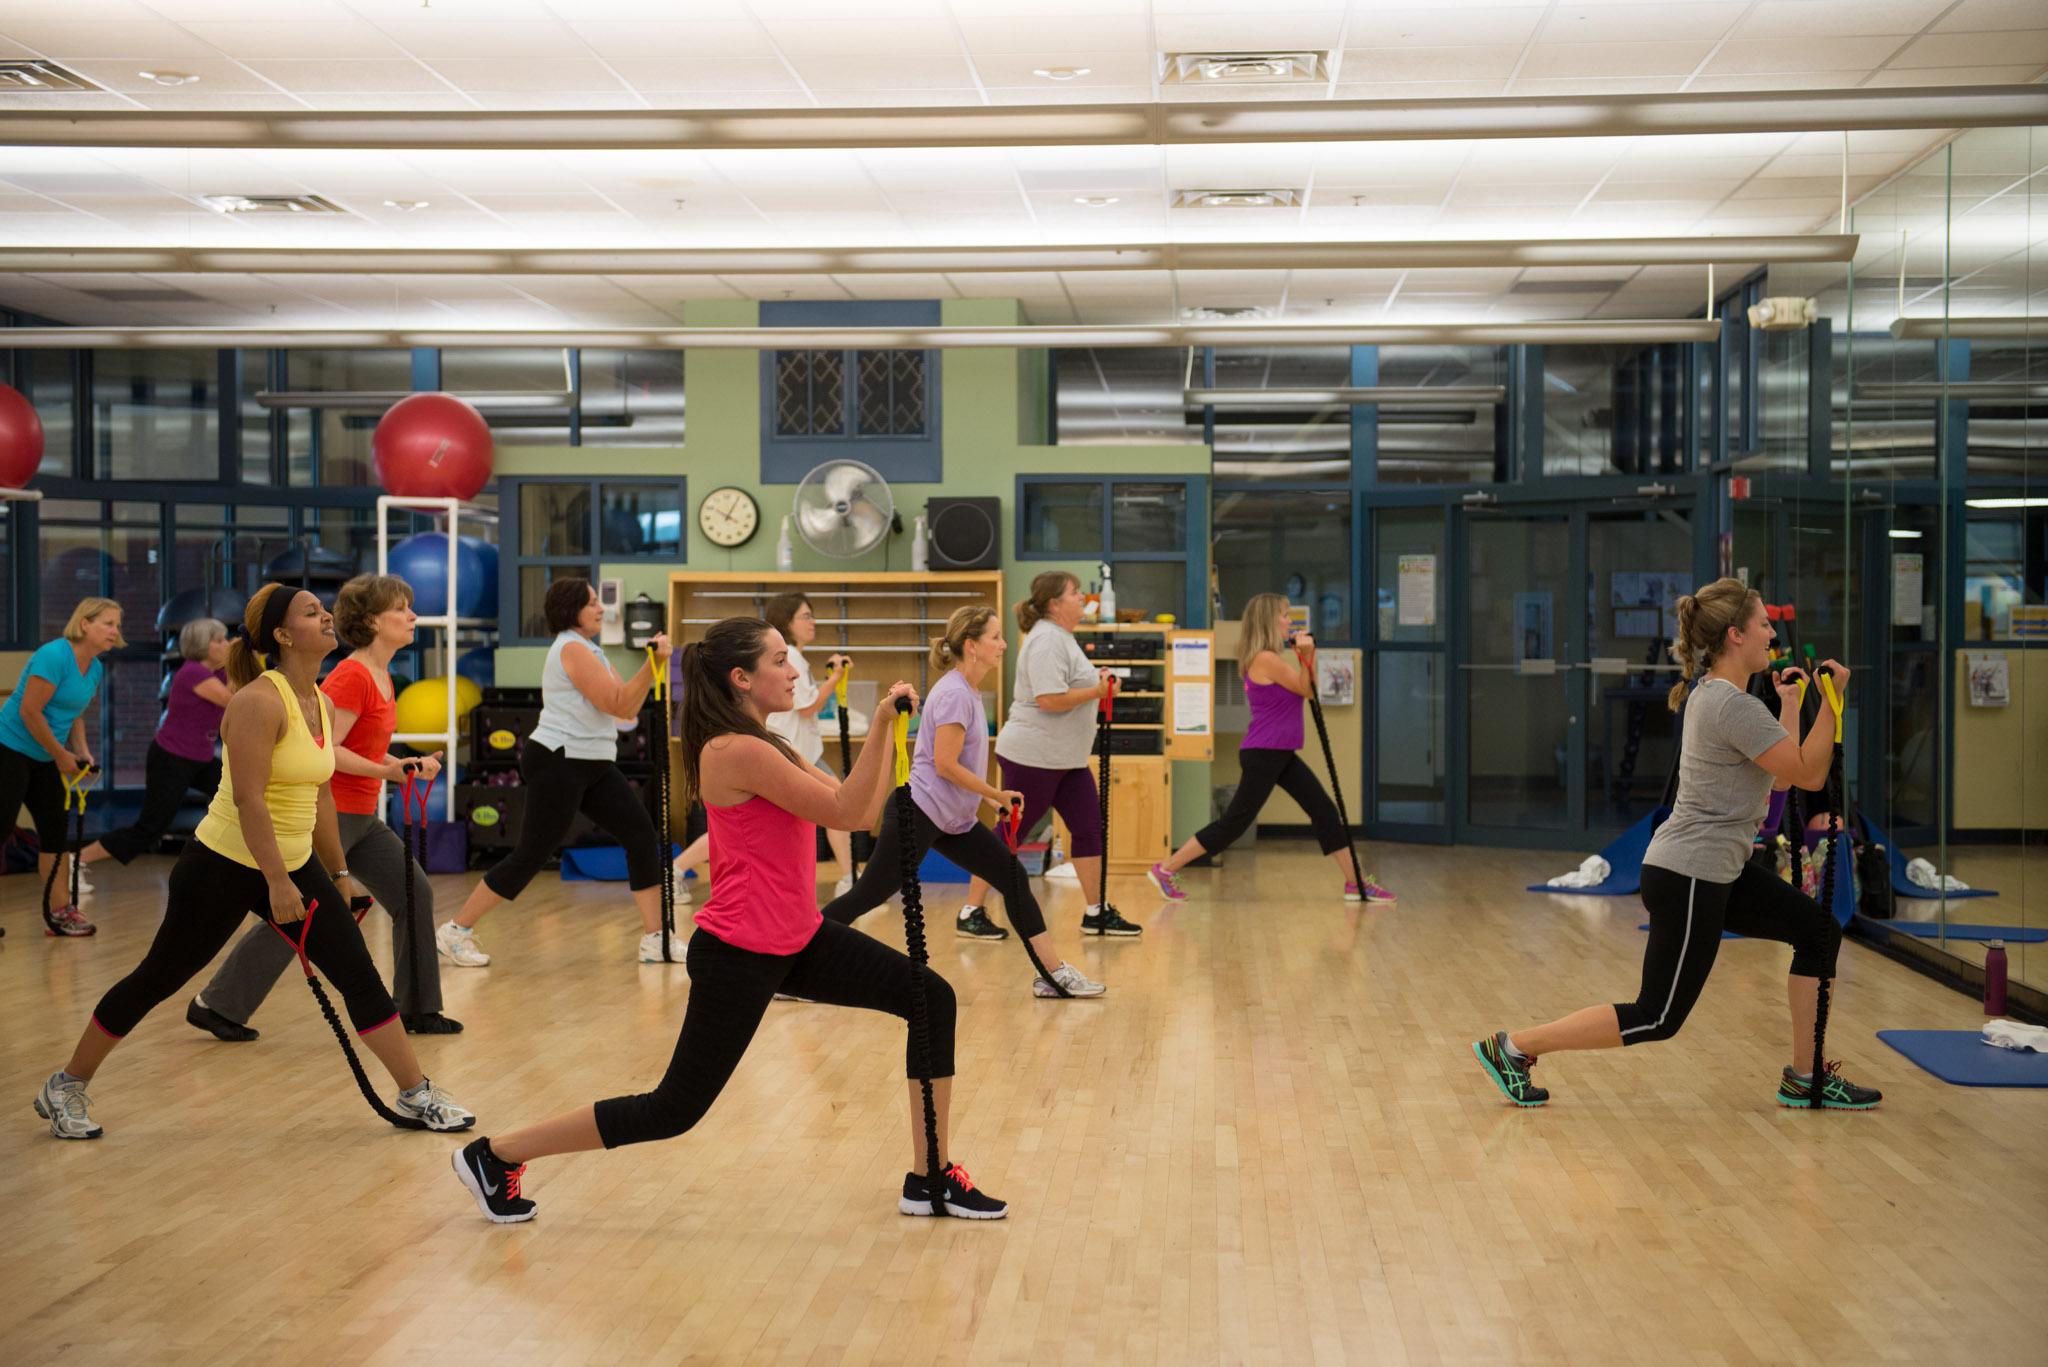 Wellness Center Stock Photos-1009.jpg